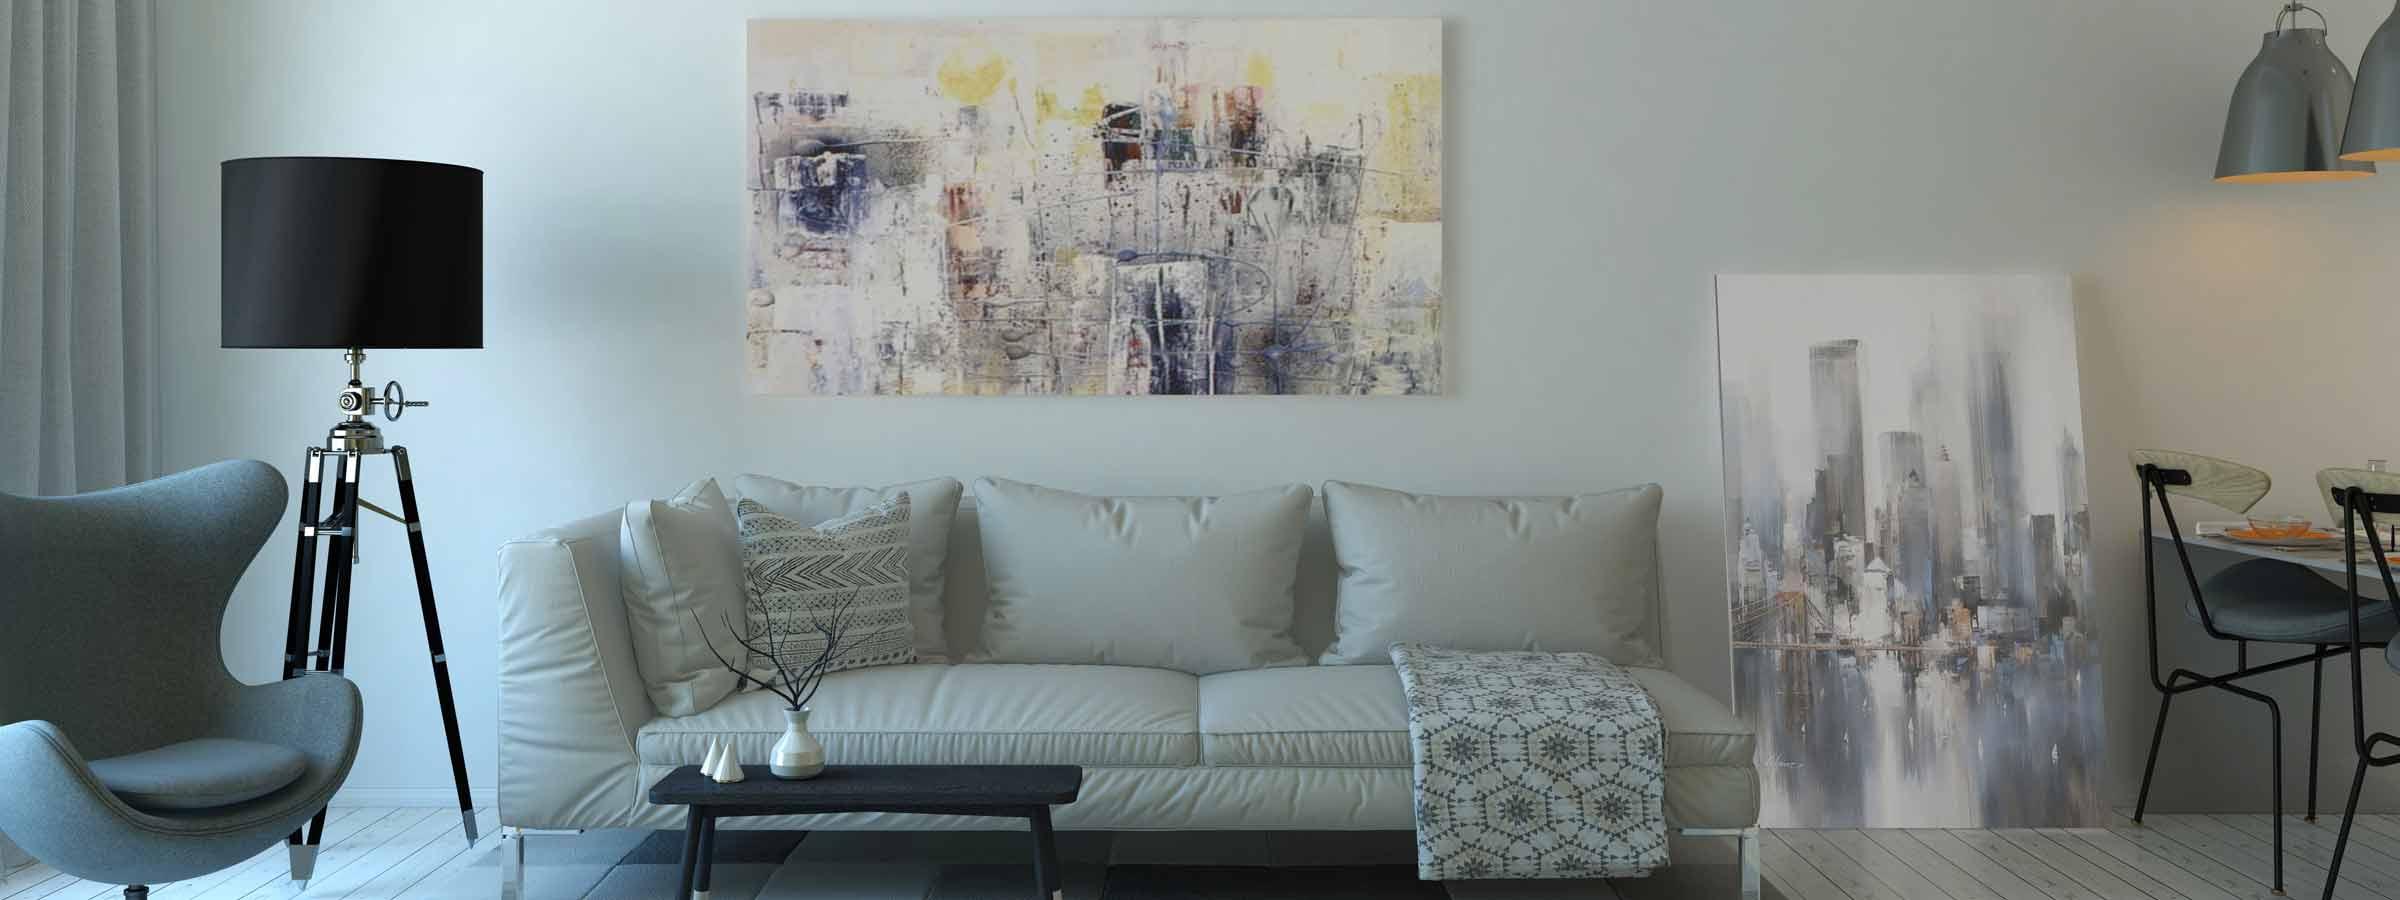 Soggiorno con arredamento stile industriale dai colori neutri e quadri con riferimenti alle metropoli urbane